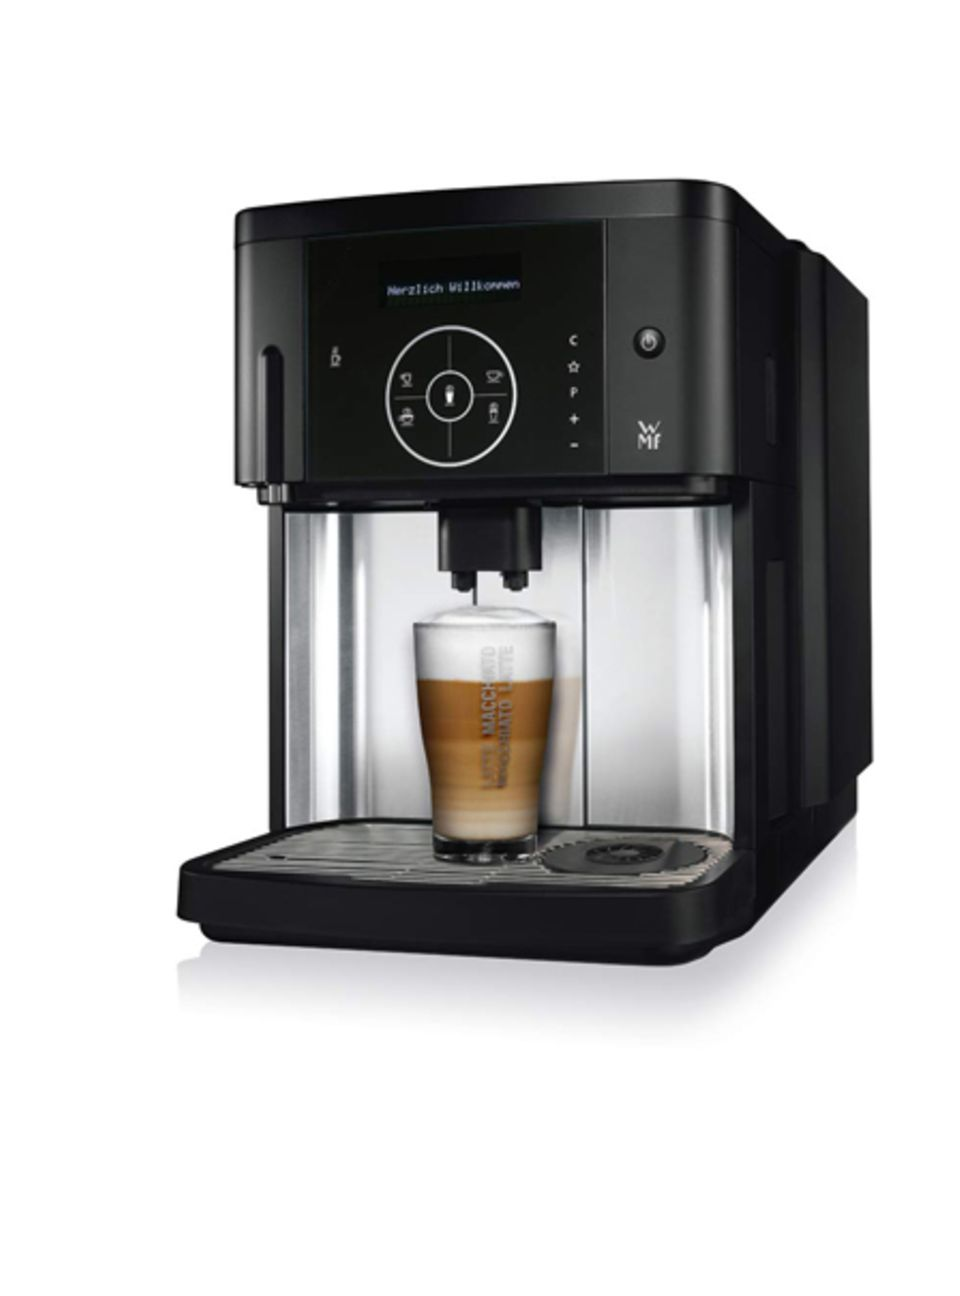 Heißer Espresso: Vollautomat 900plus